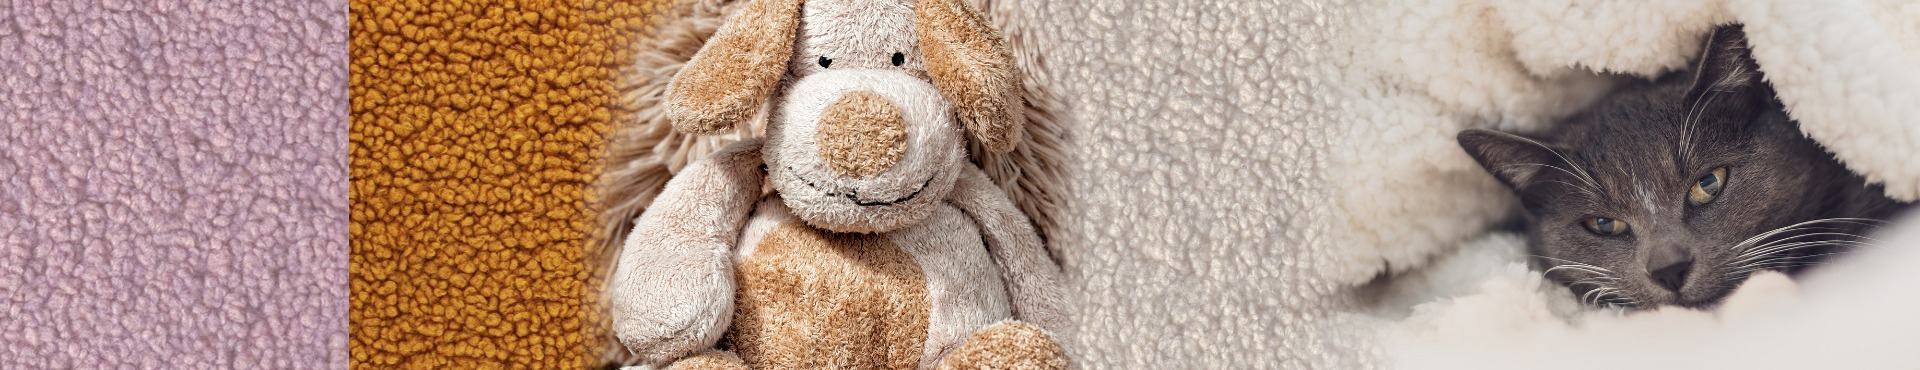 Teddy stof kopen